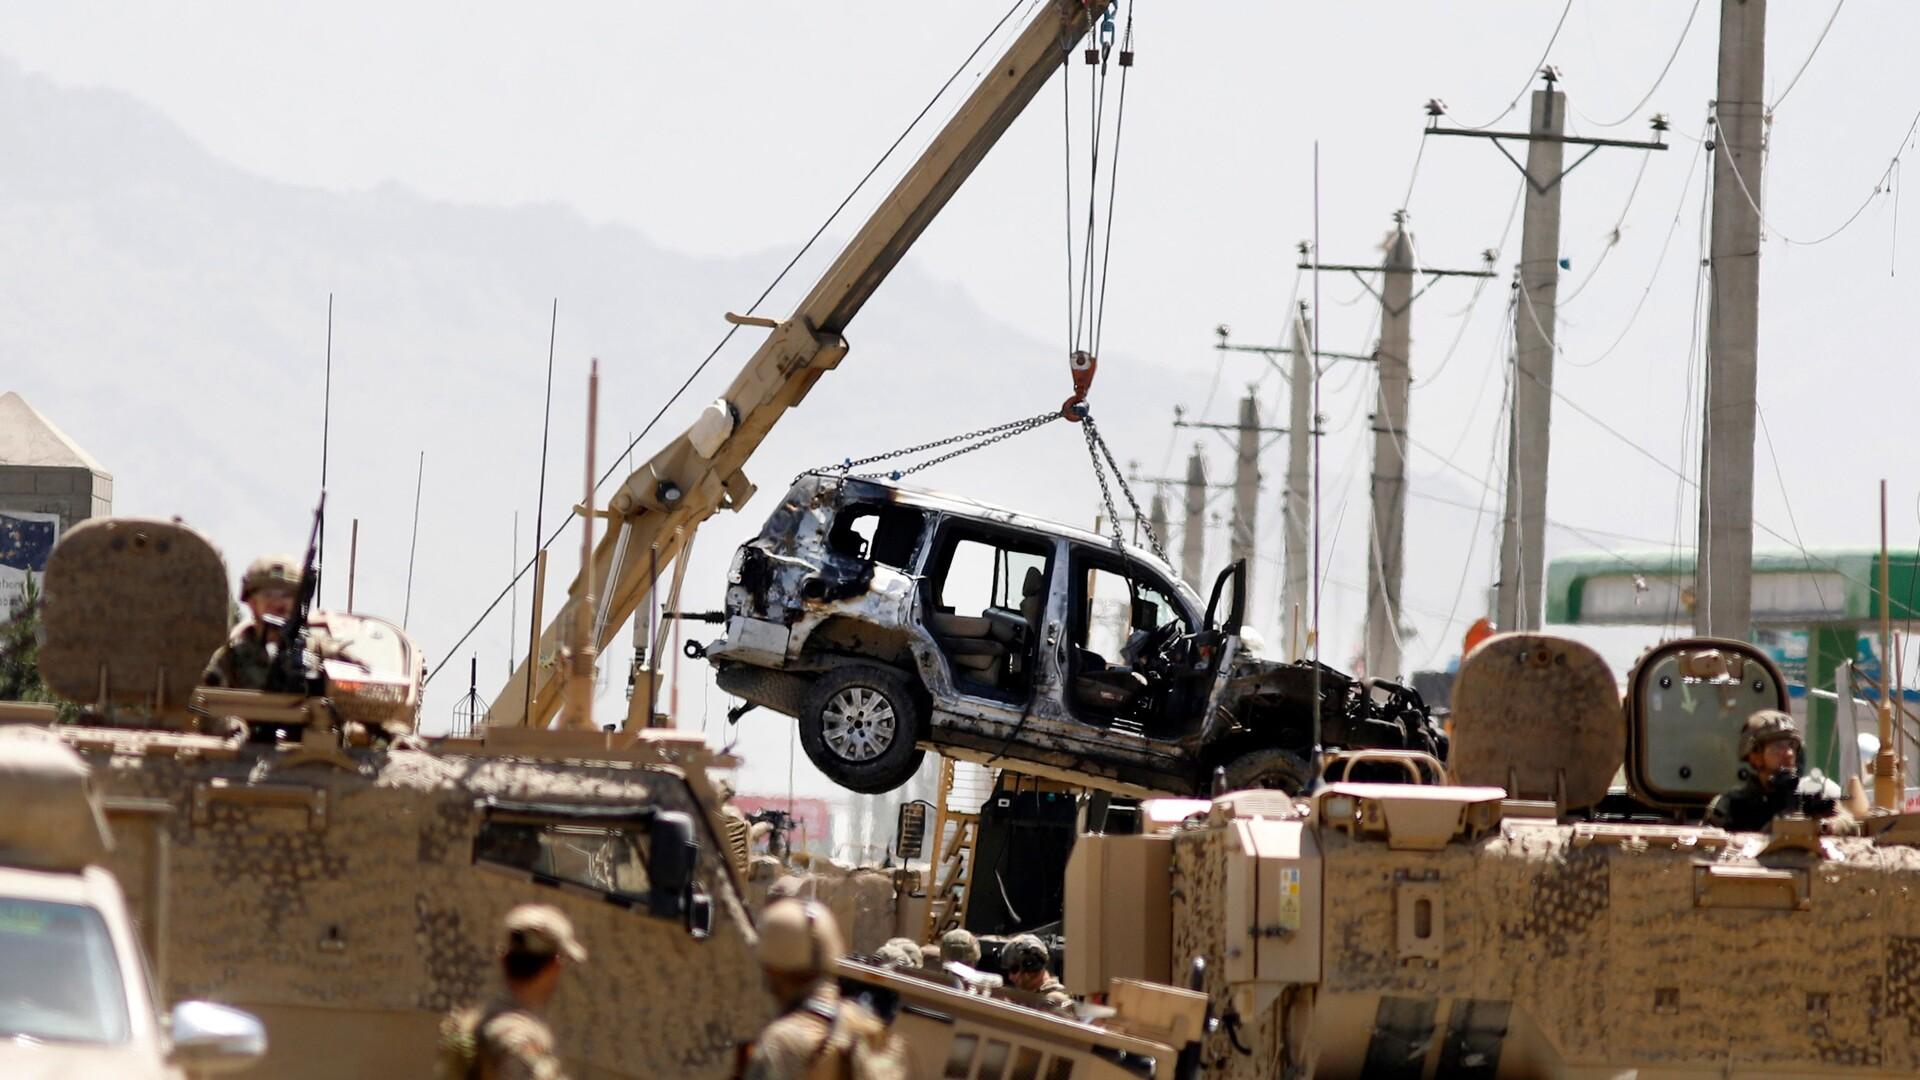 Sten Rynning i RÆSONs nye trykte magasin: Sådan har 19 år i Afghanistan rystet forståelsen af NATO